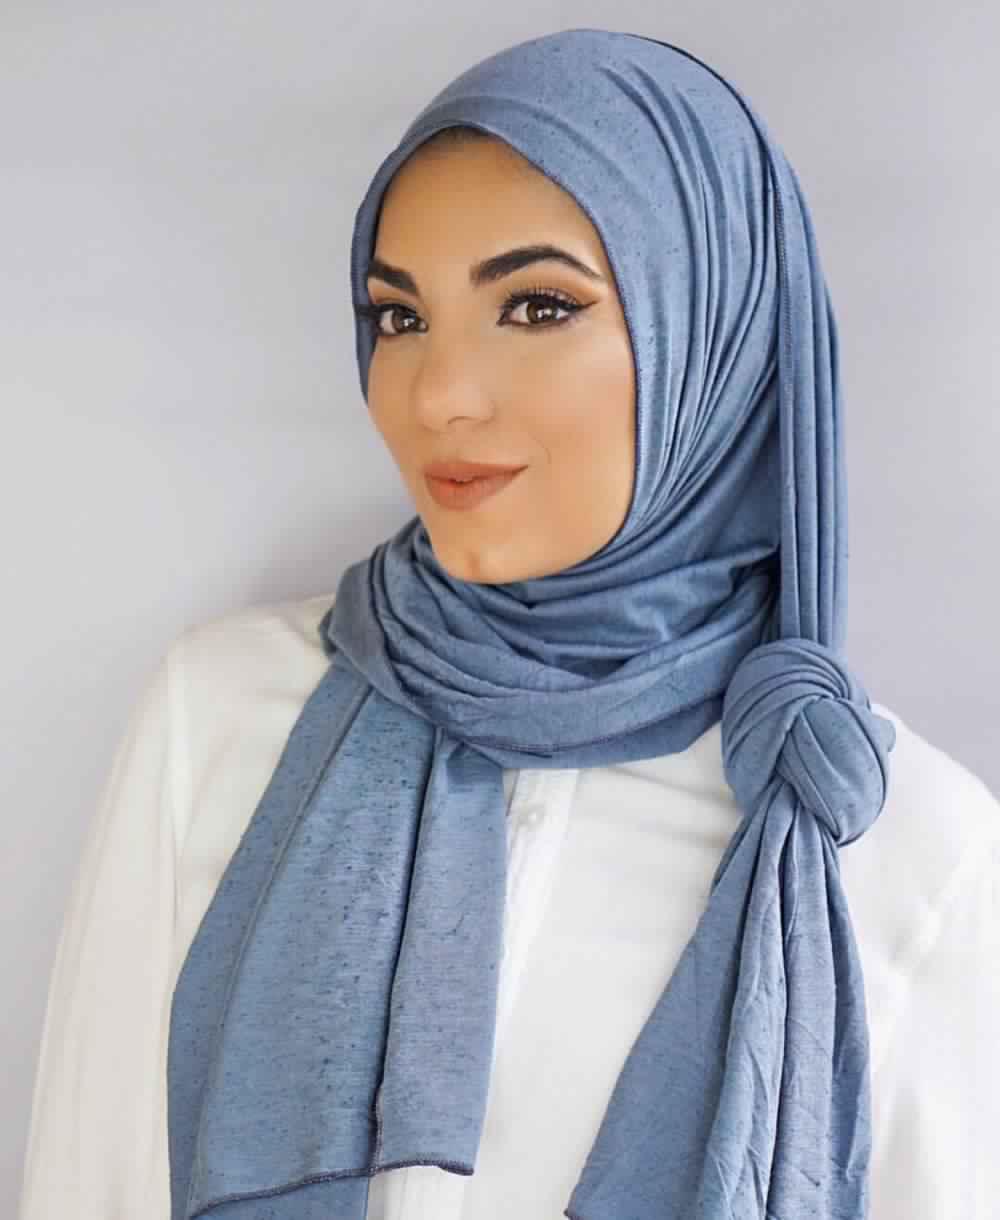 facon-de-hijab-7